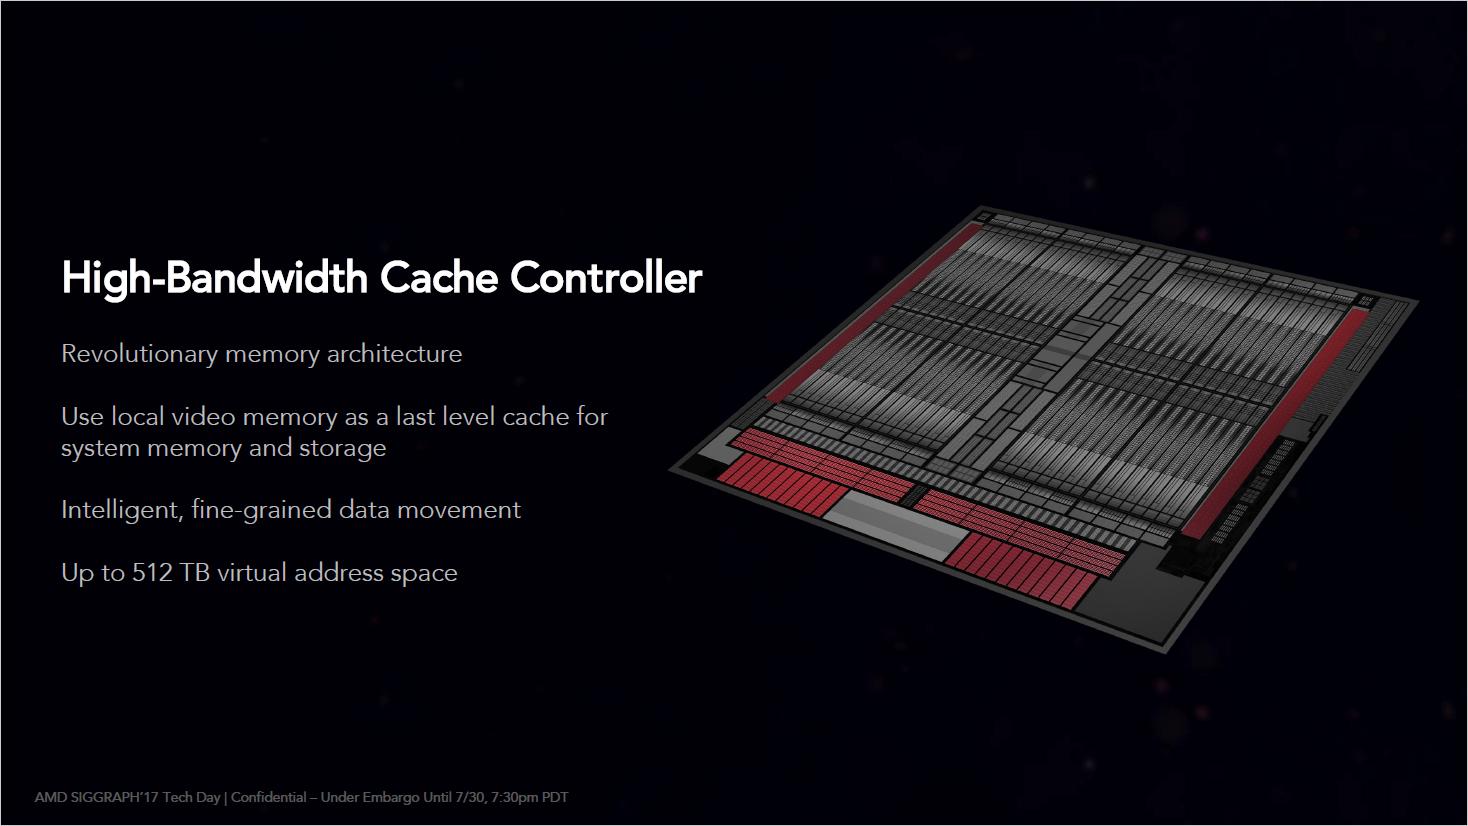 Radeon RX Vega 64 im Test: Schnell und durstig mit Potenzial - Vega weist einen High Bandwidth Cache Controller auf. (Bild: AMD)